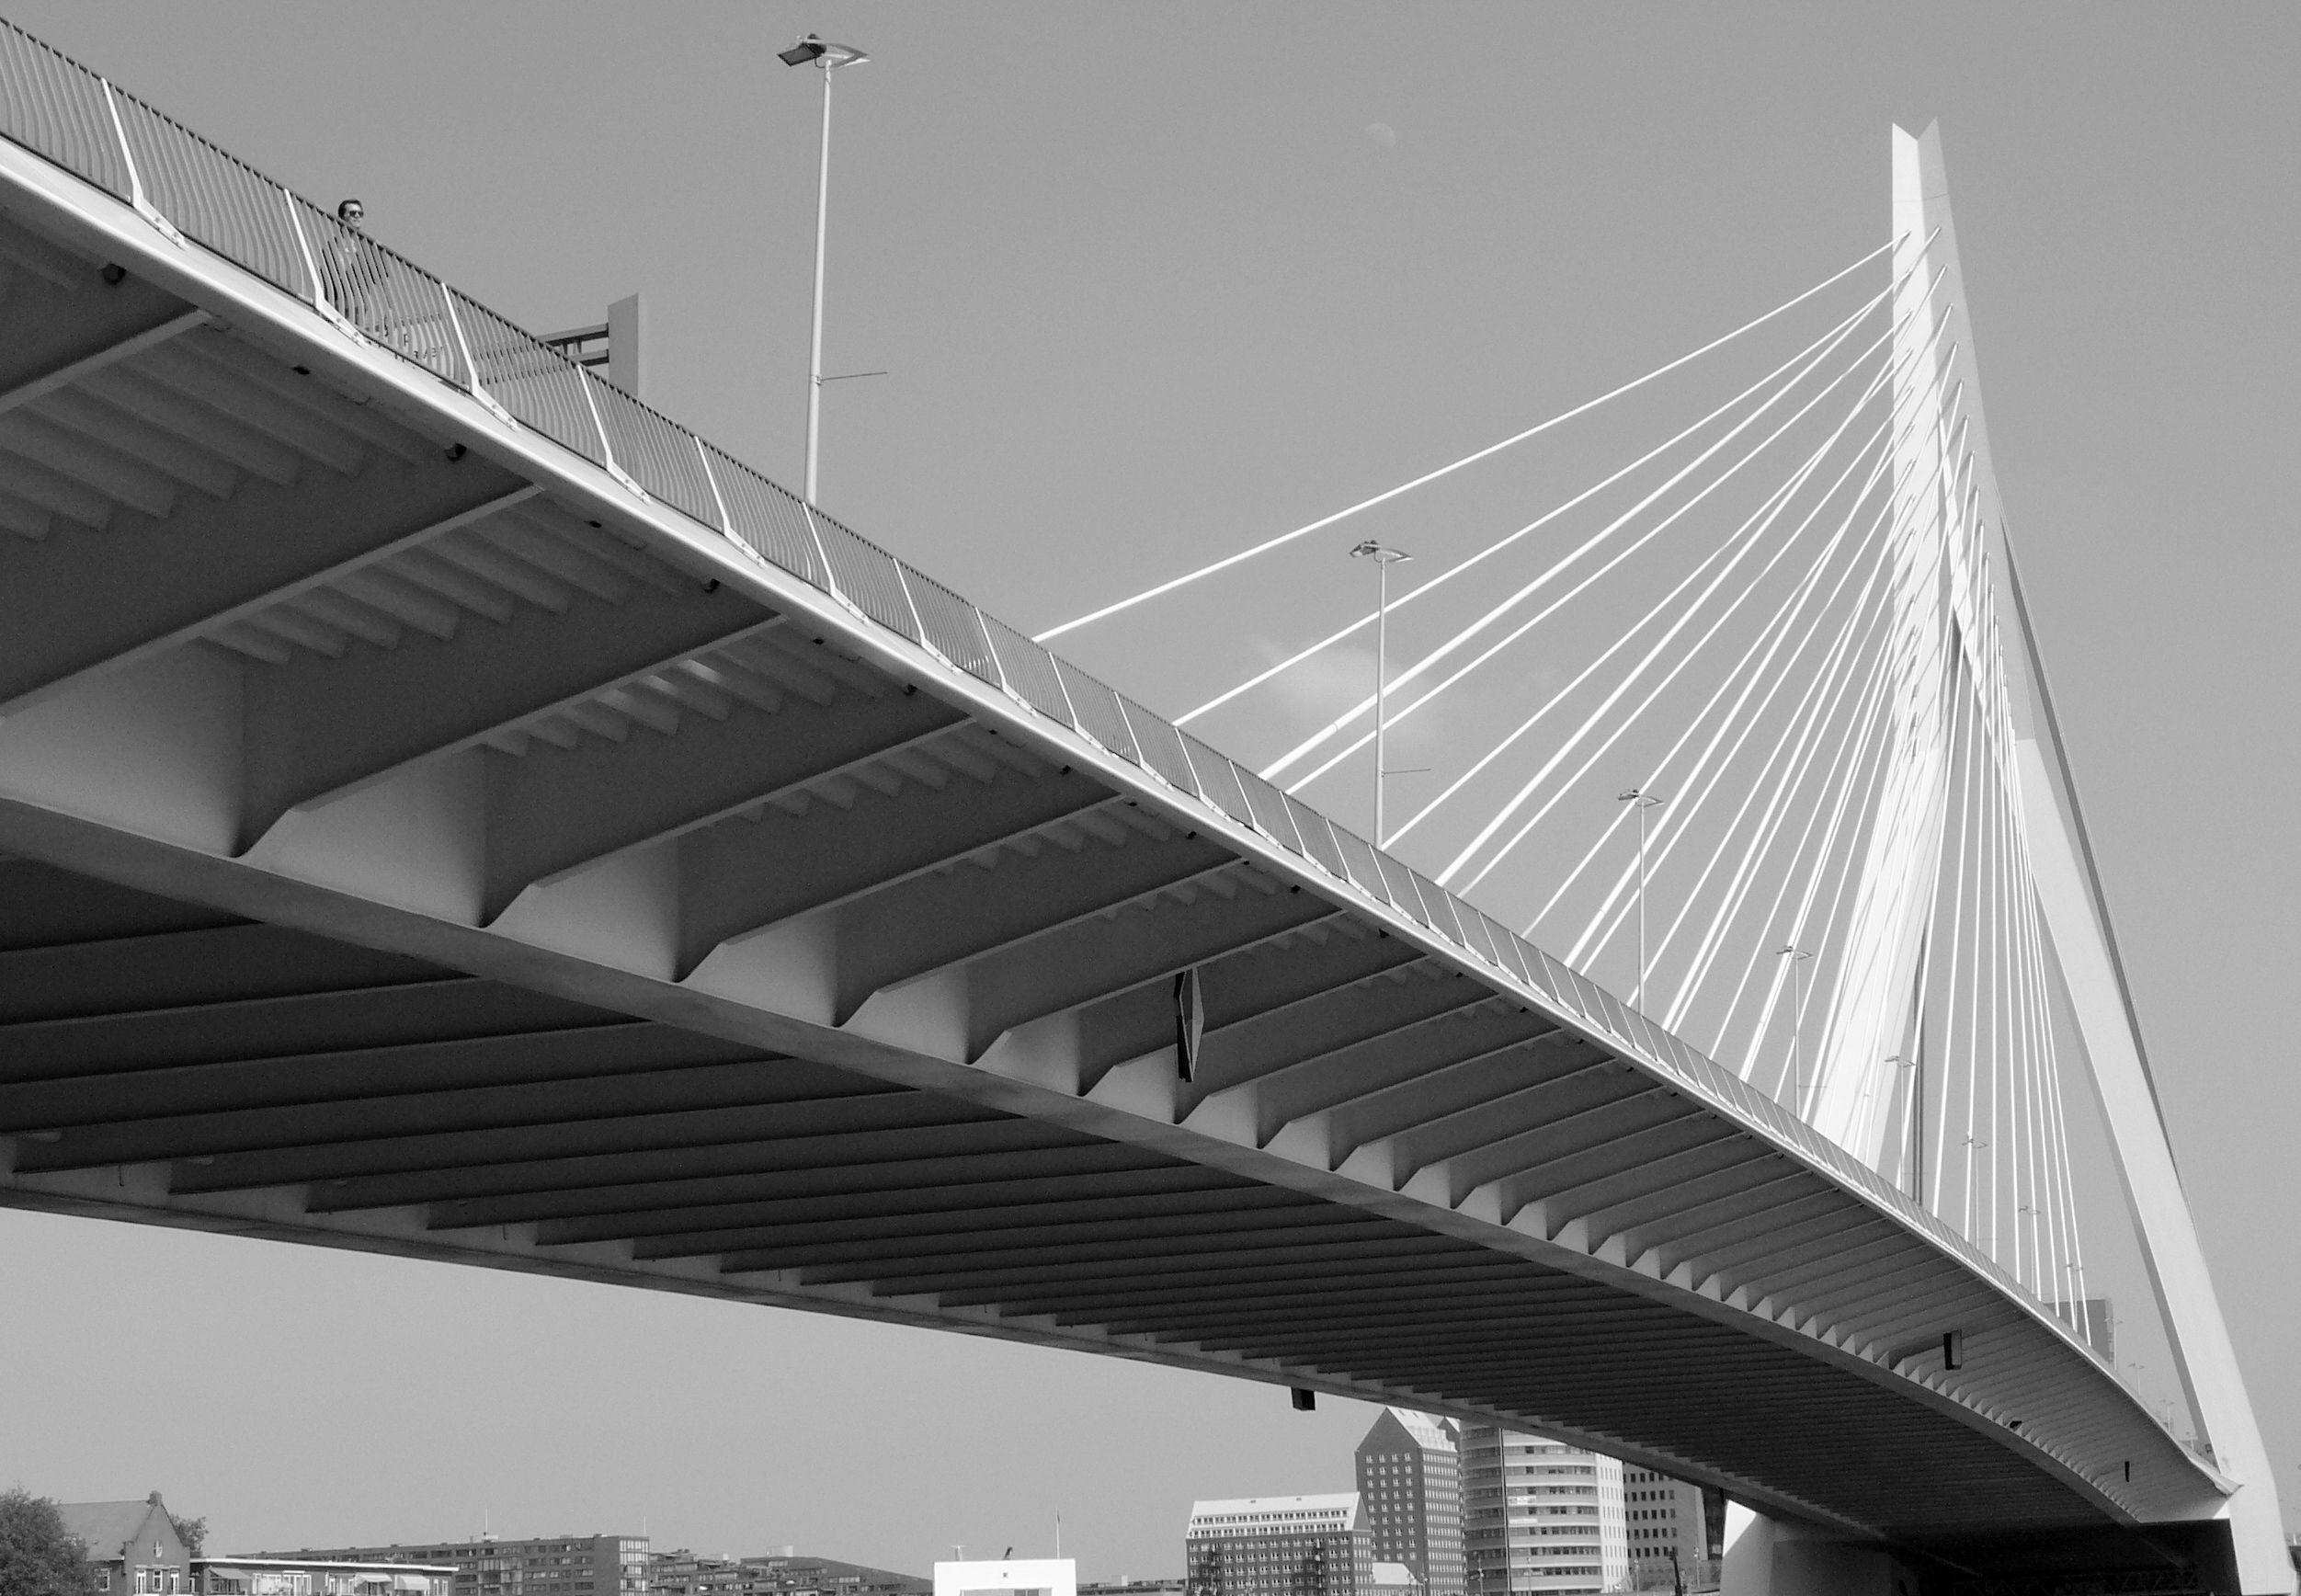 Rotterdam netherlands erasmus bridge side close view